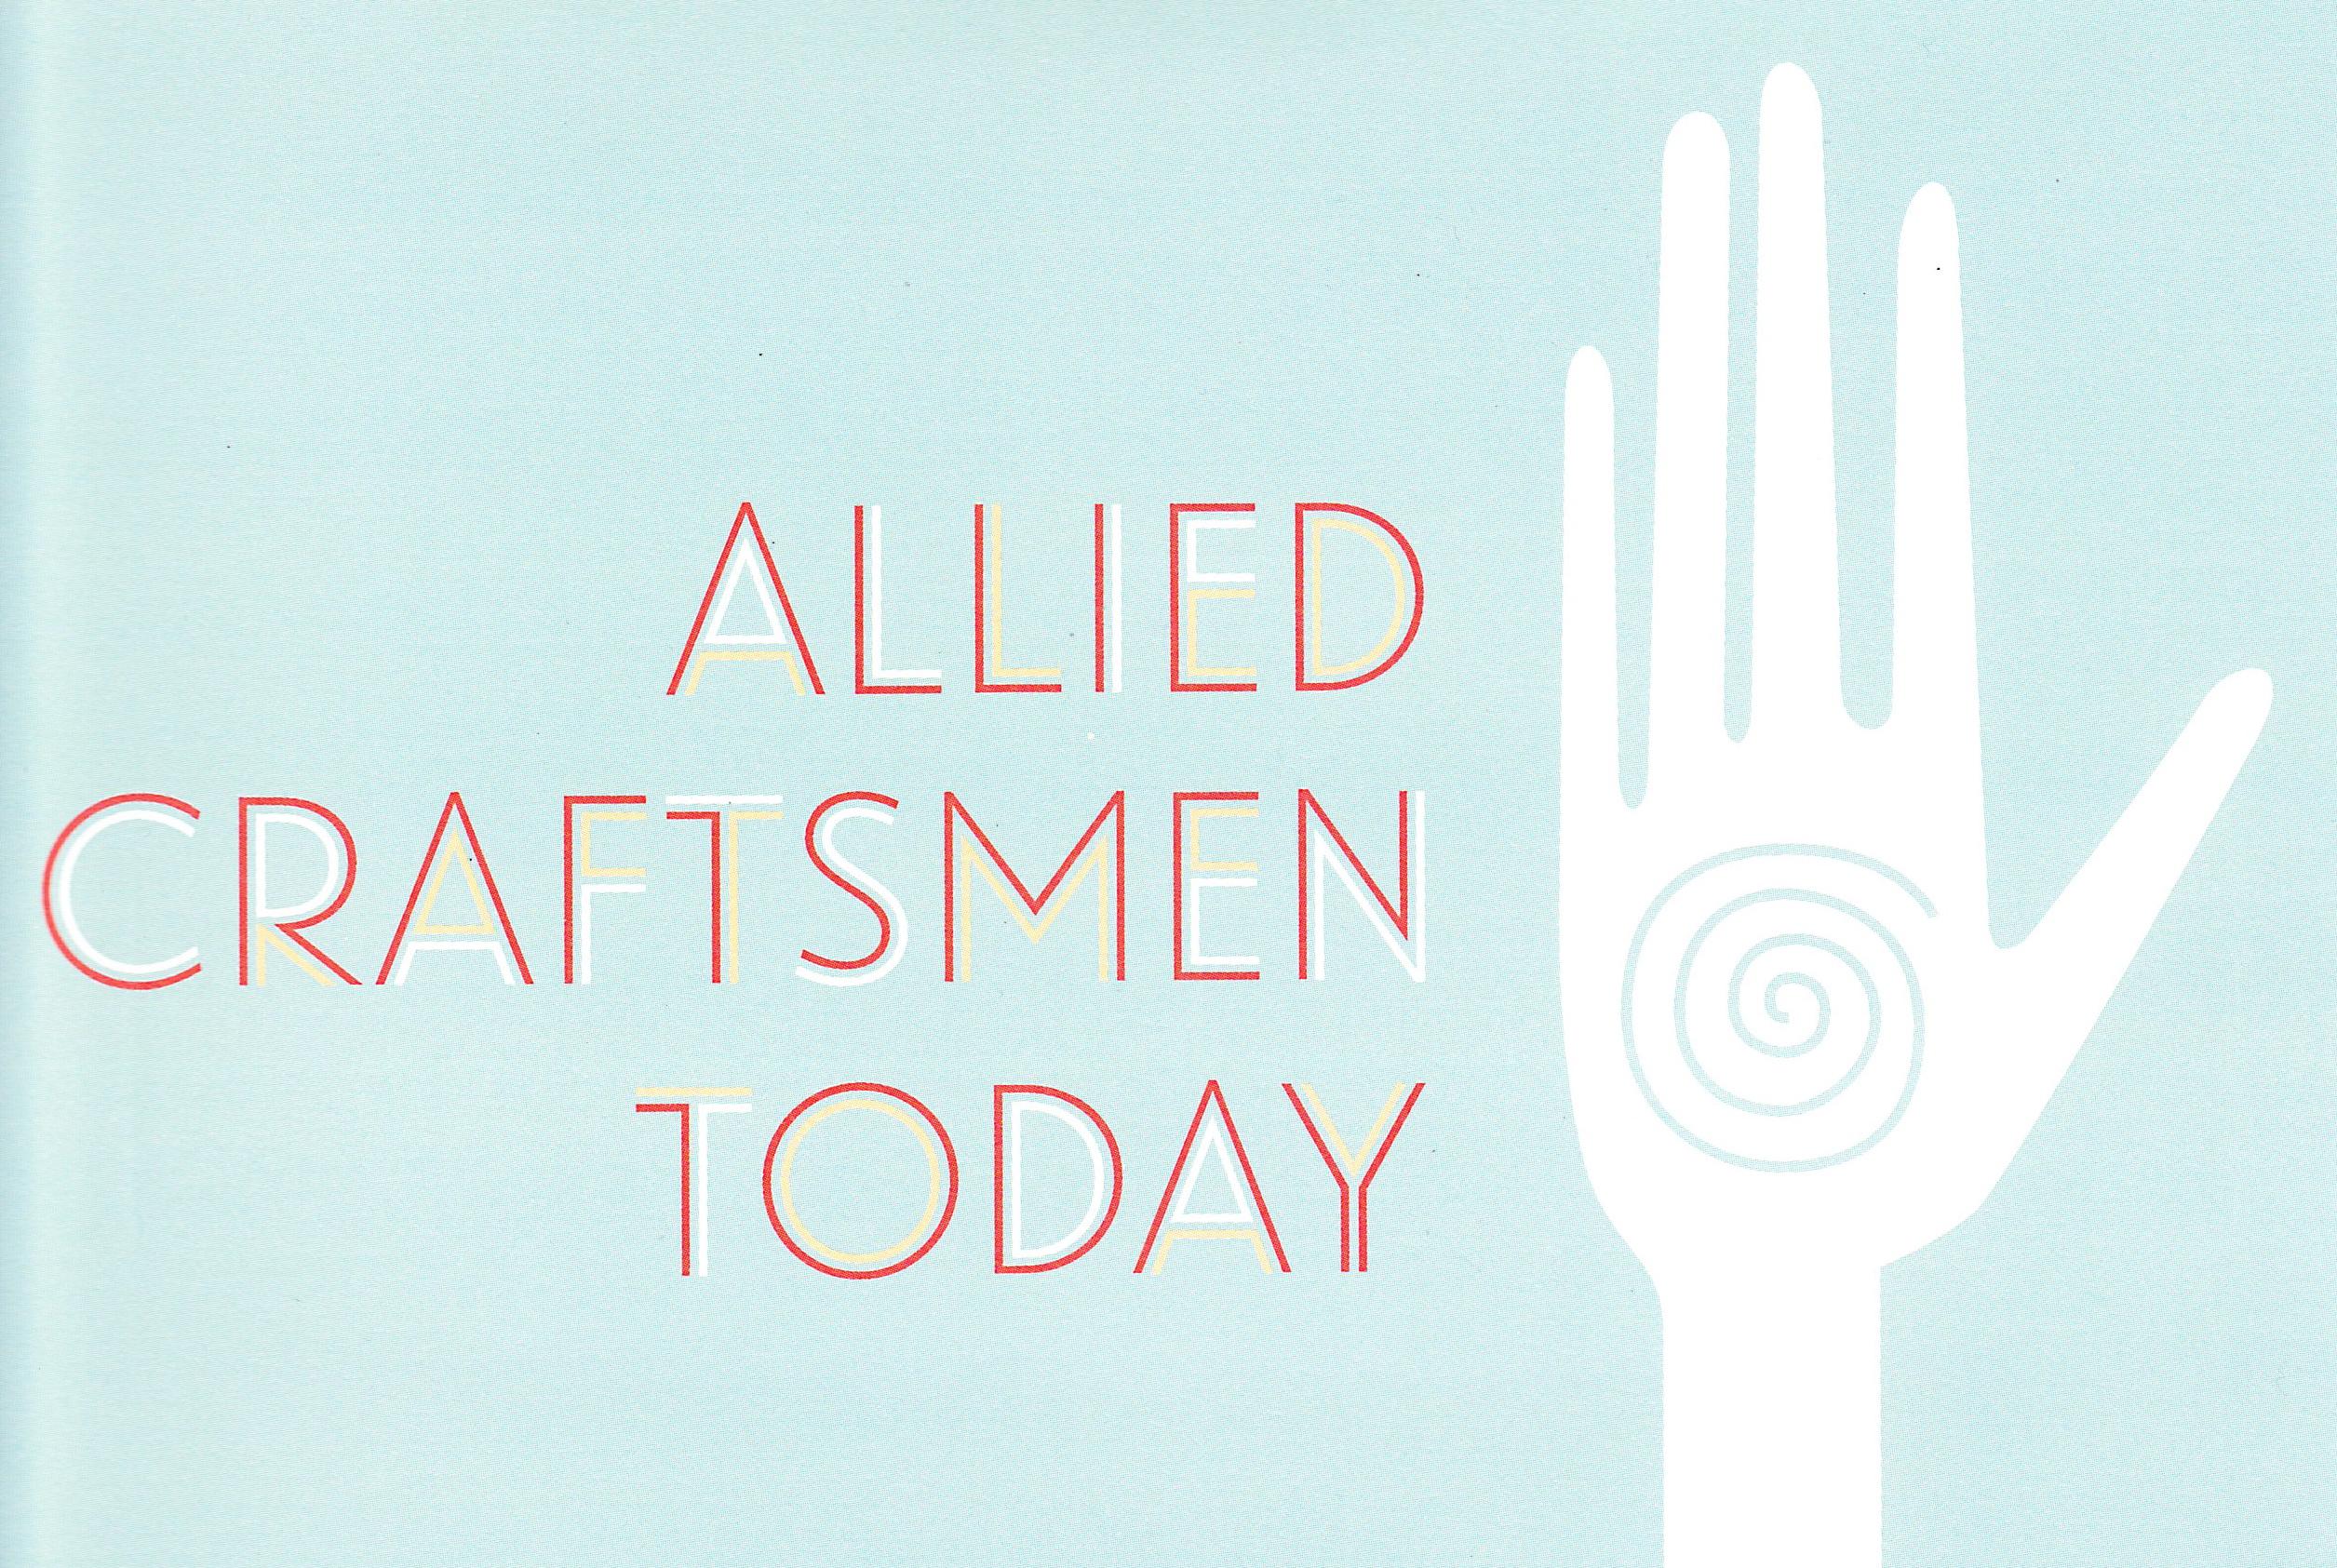 alliedcraftsmen